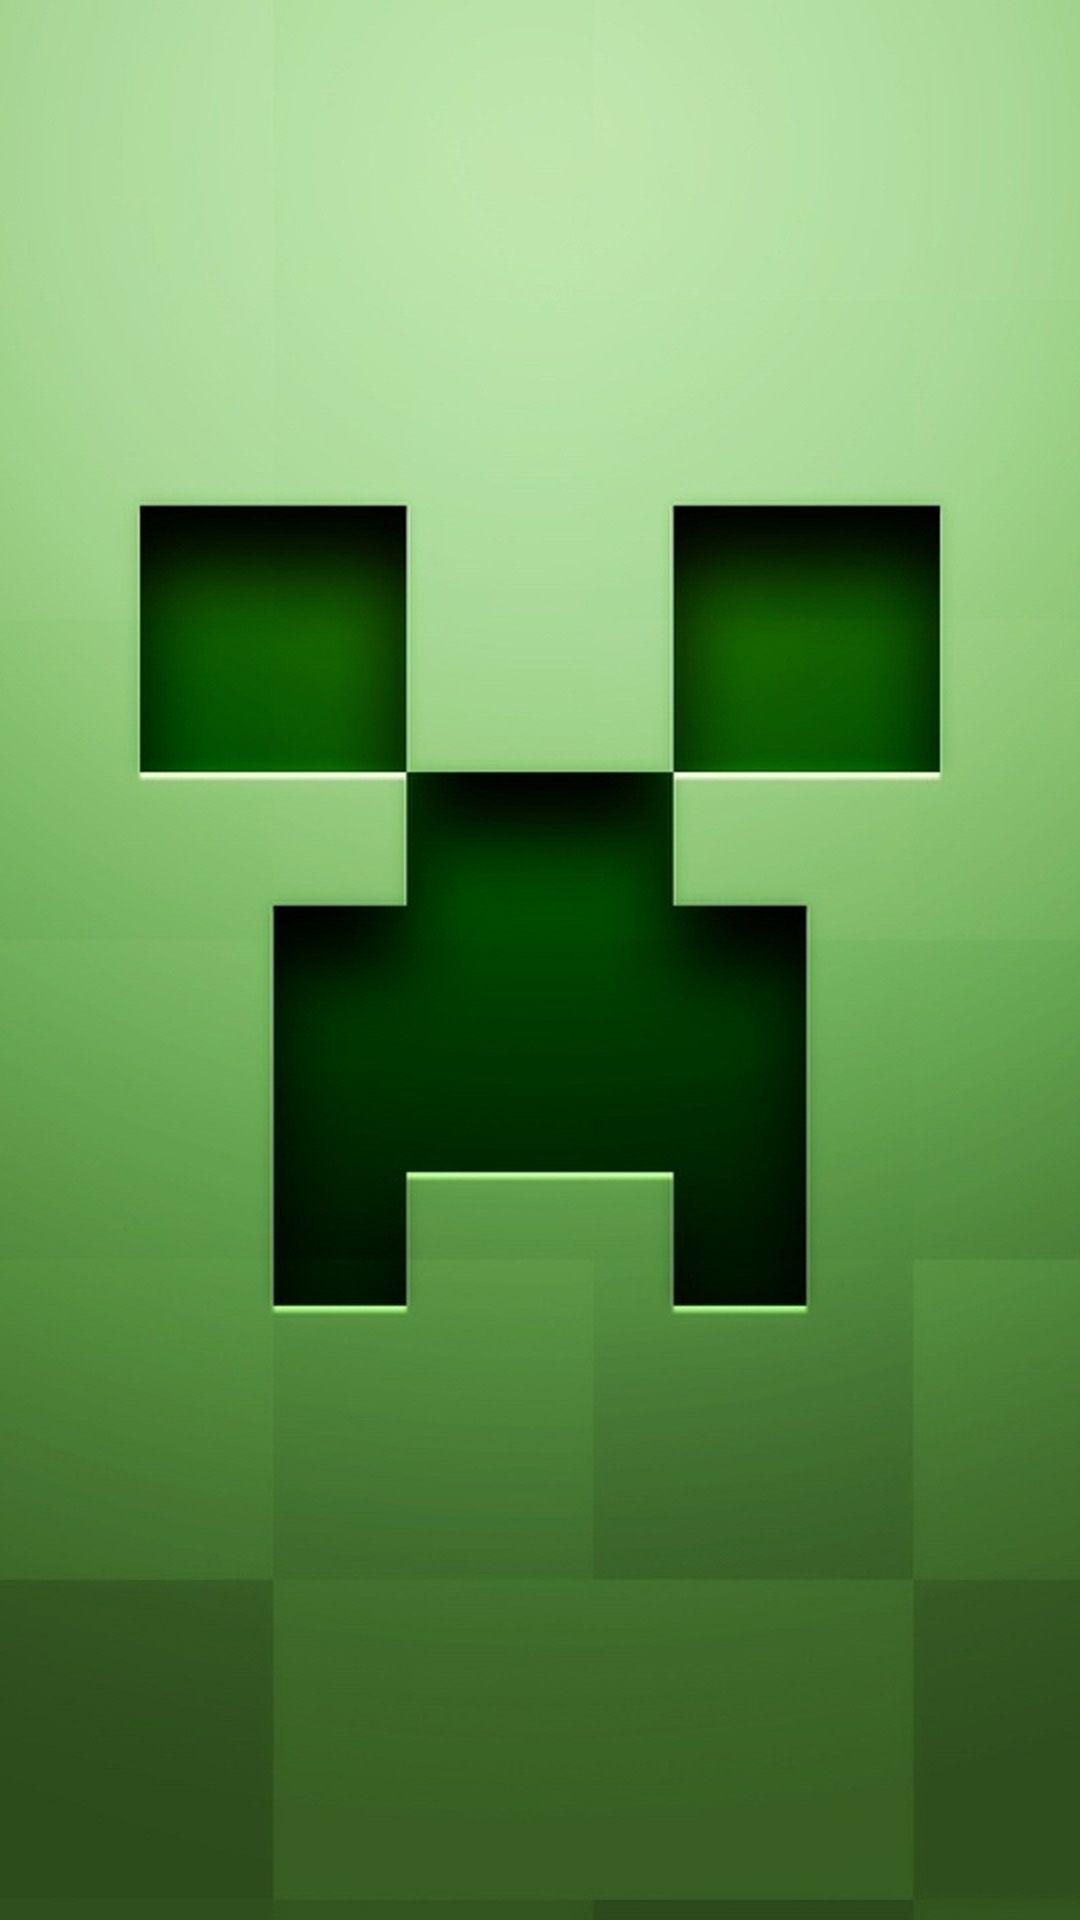 Must see Wallpaper Minecraft Abstract - 0f7b2d692f4a042f9cd91b6db183eb2b  Trends_3216100.jpg